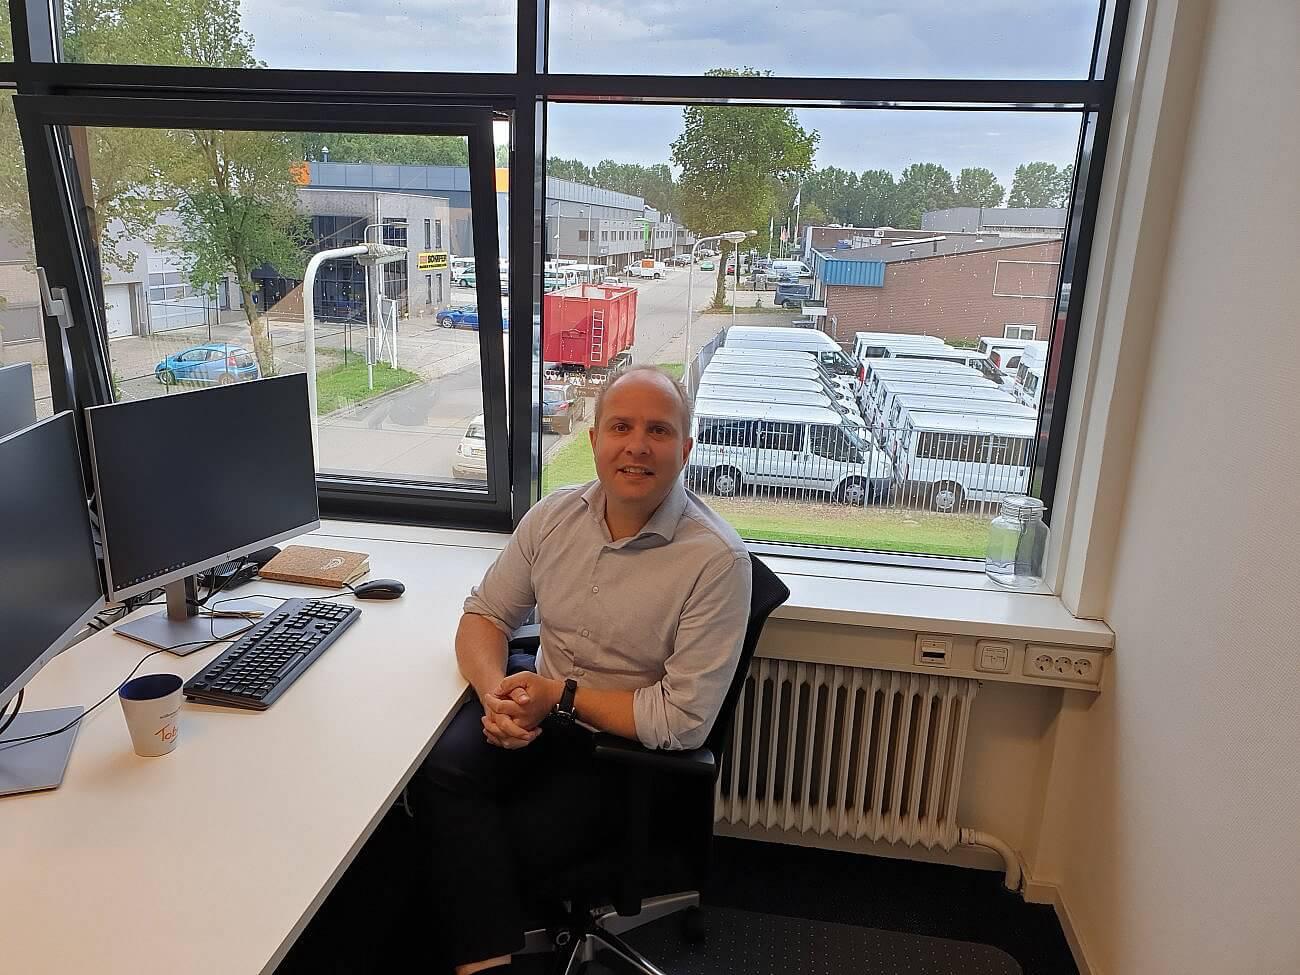 Maak kennis met Tobias: de nieuwe groepsdirecteur van Willemsen – de Koning!